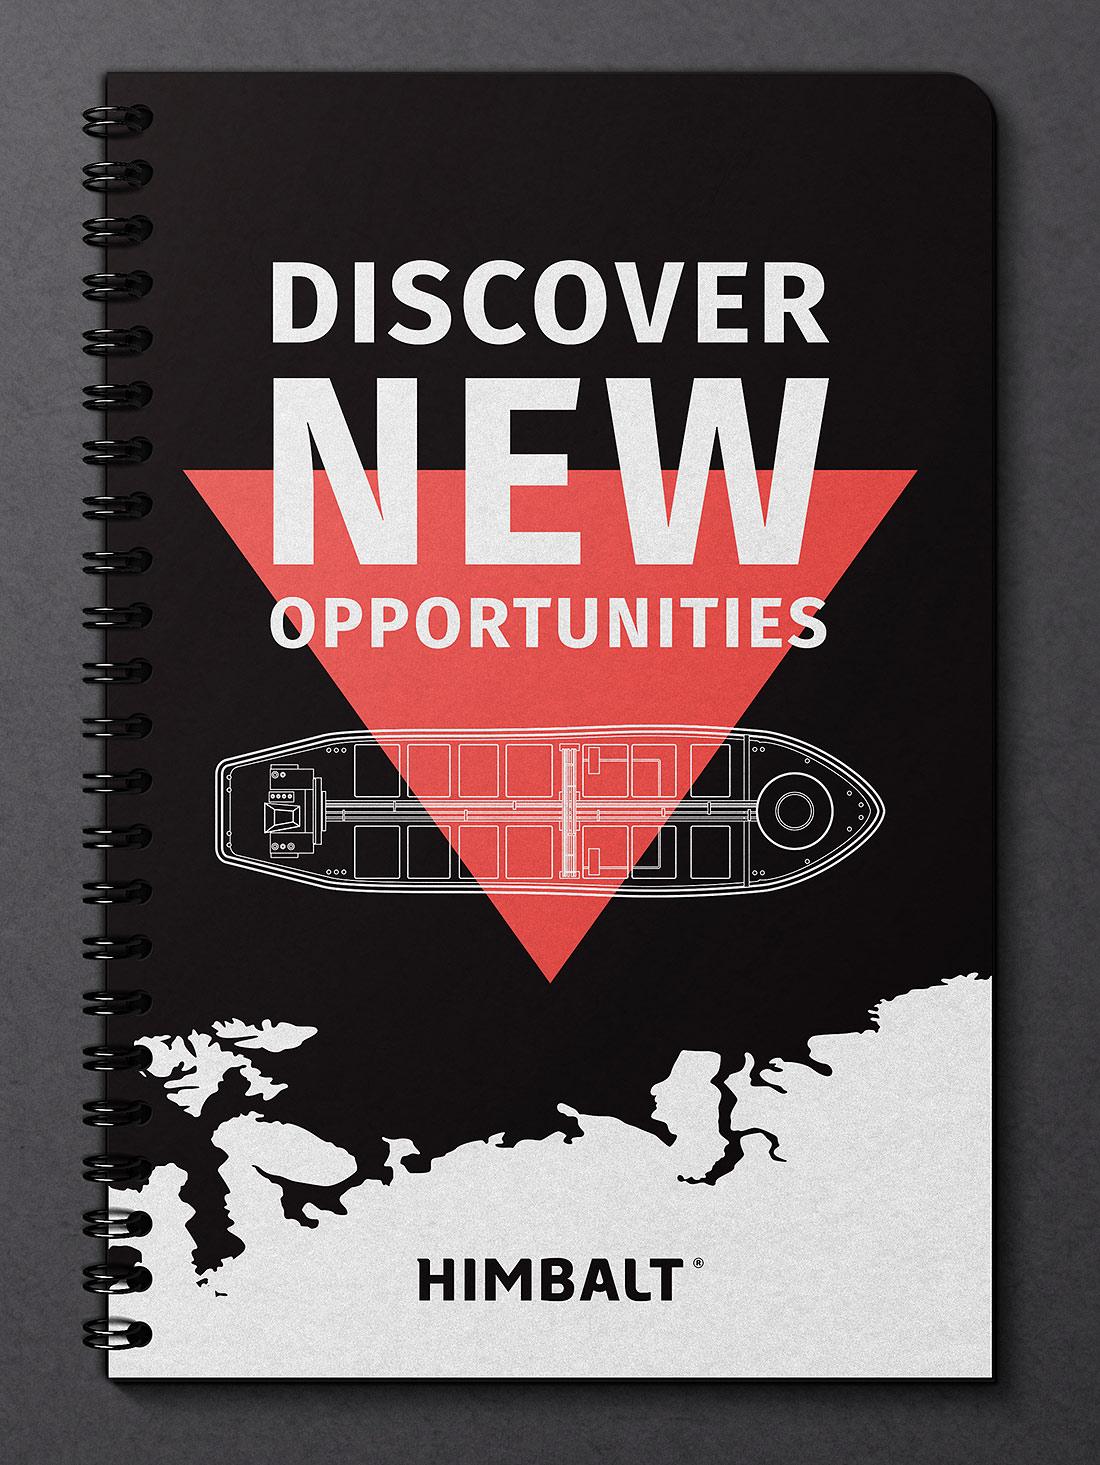 Обложка презентации о нефтепродуктах. Открывая новые возможности Himbalt (Химбалт). Презентация на черной металлической пружине.